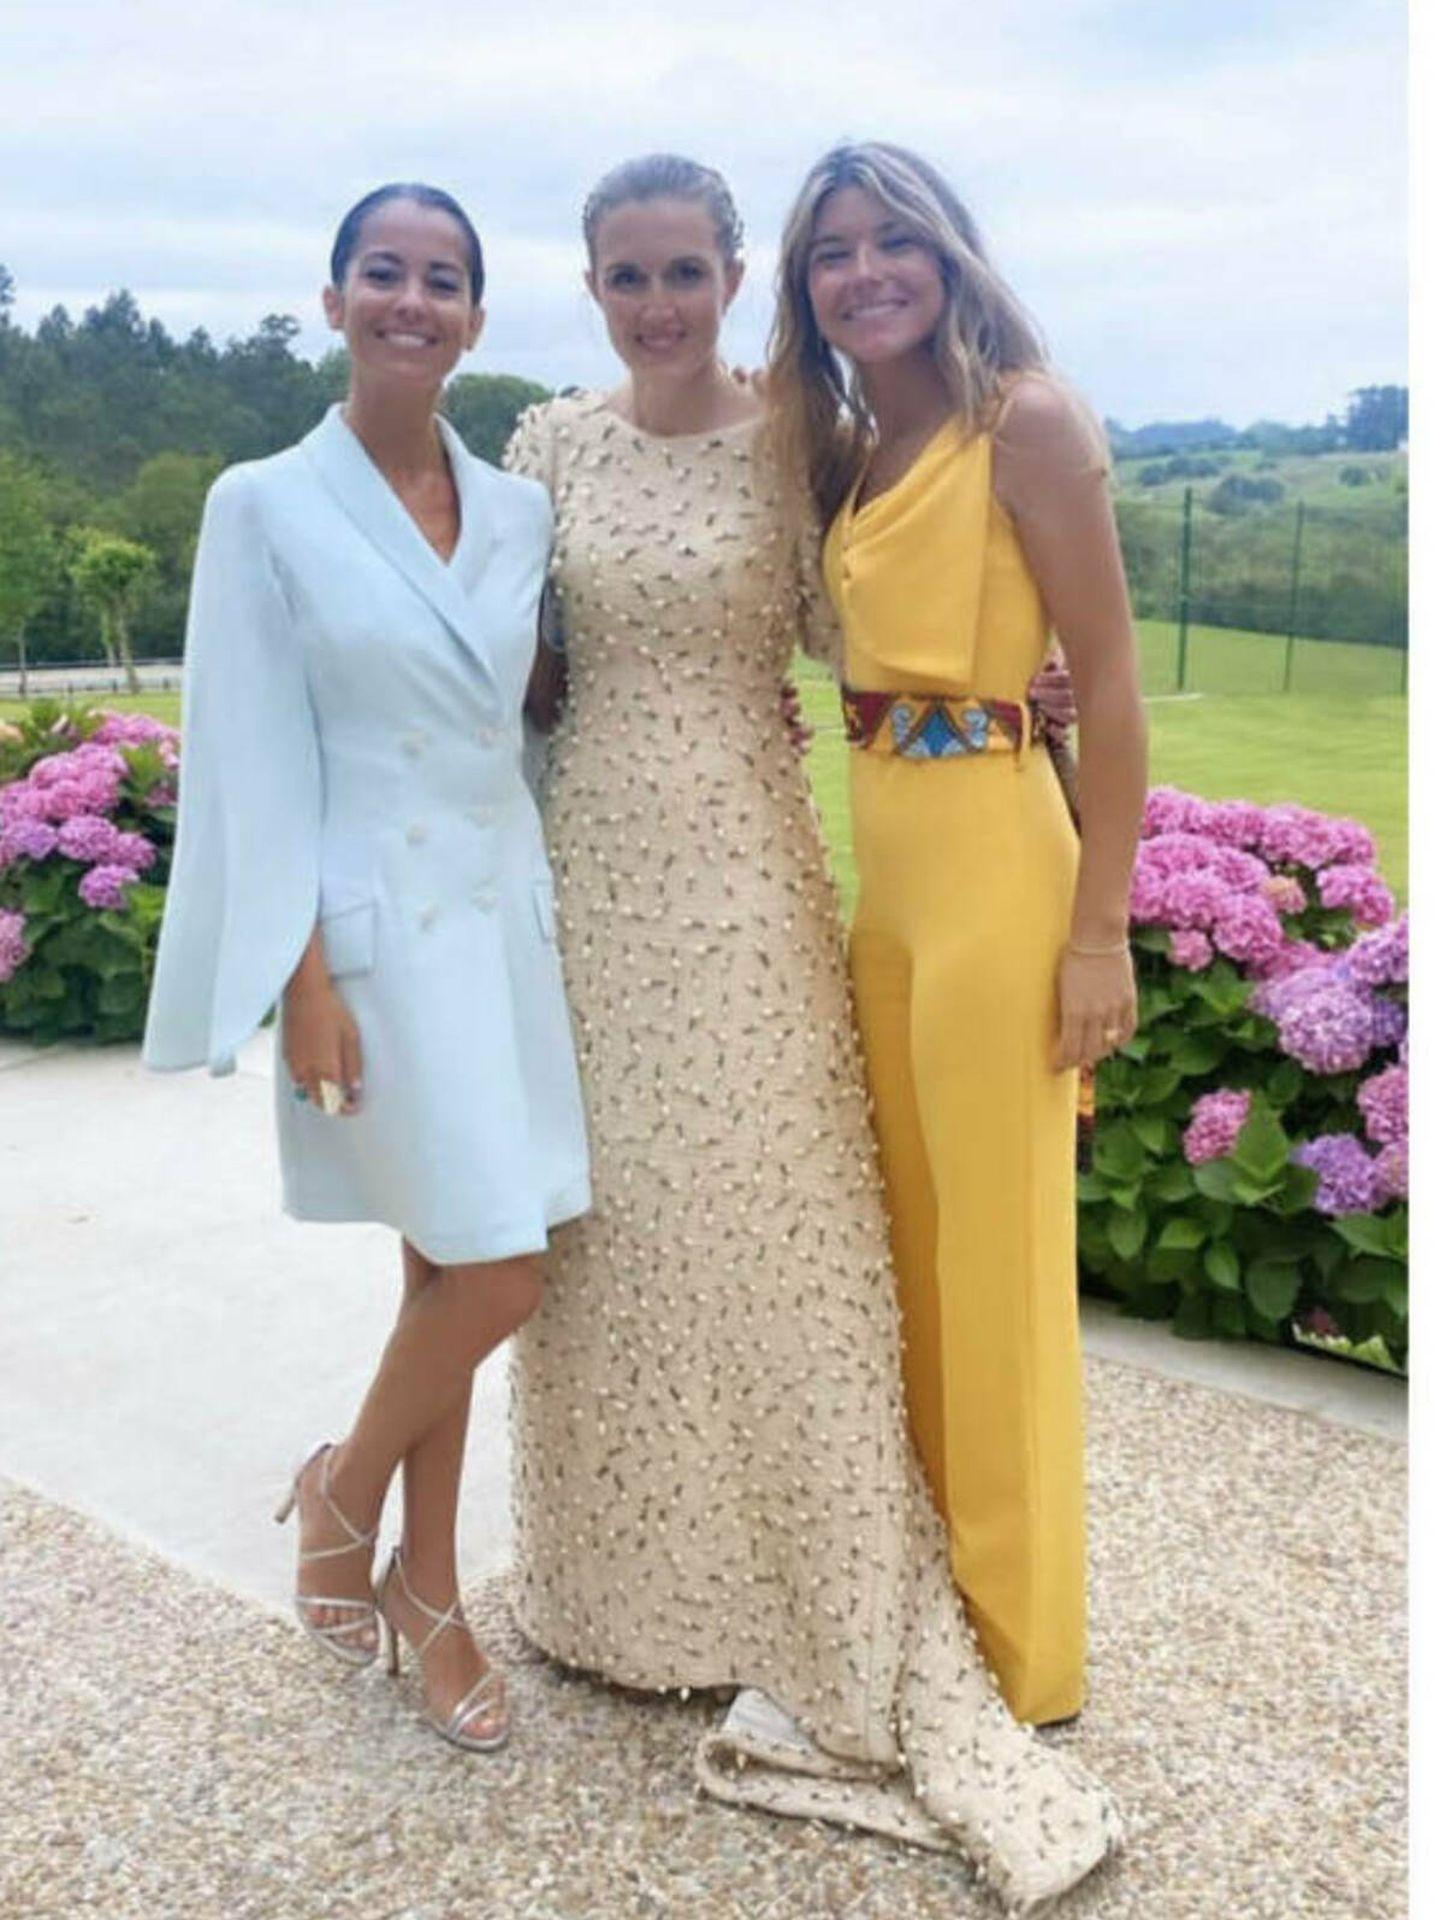 Sofía Ella posa con Inés Pérez Pla y una amiga (Instagram)